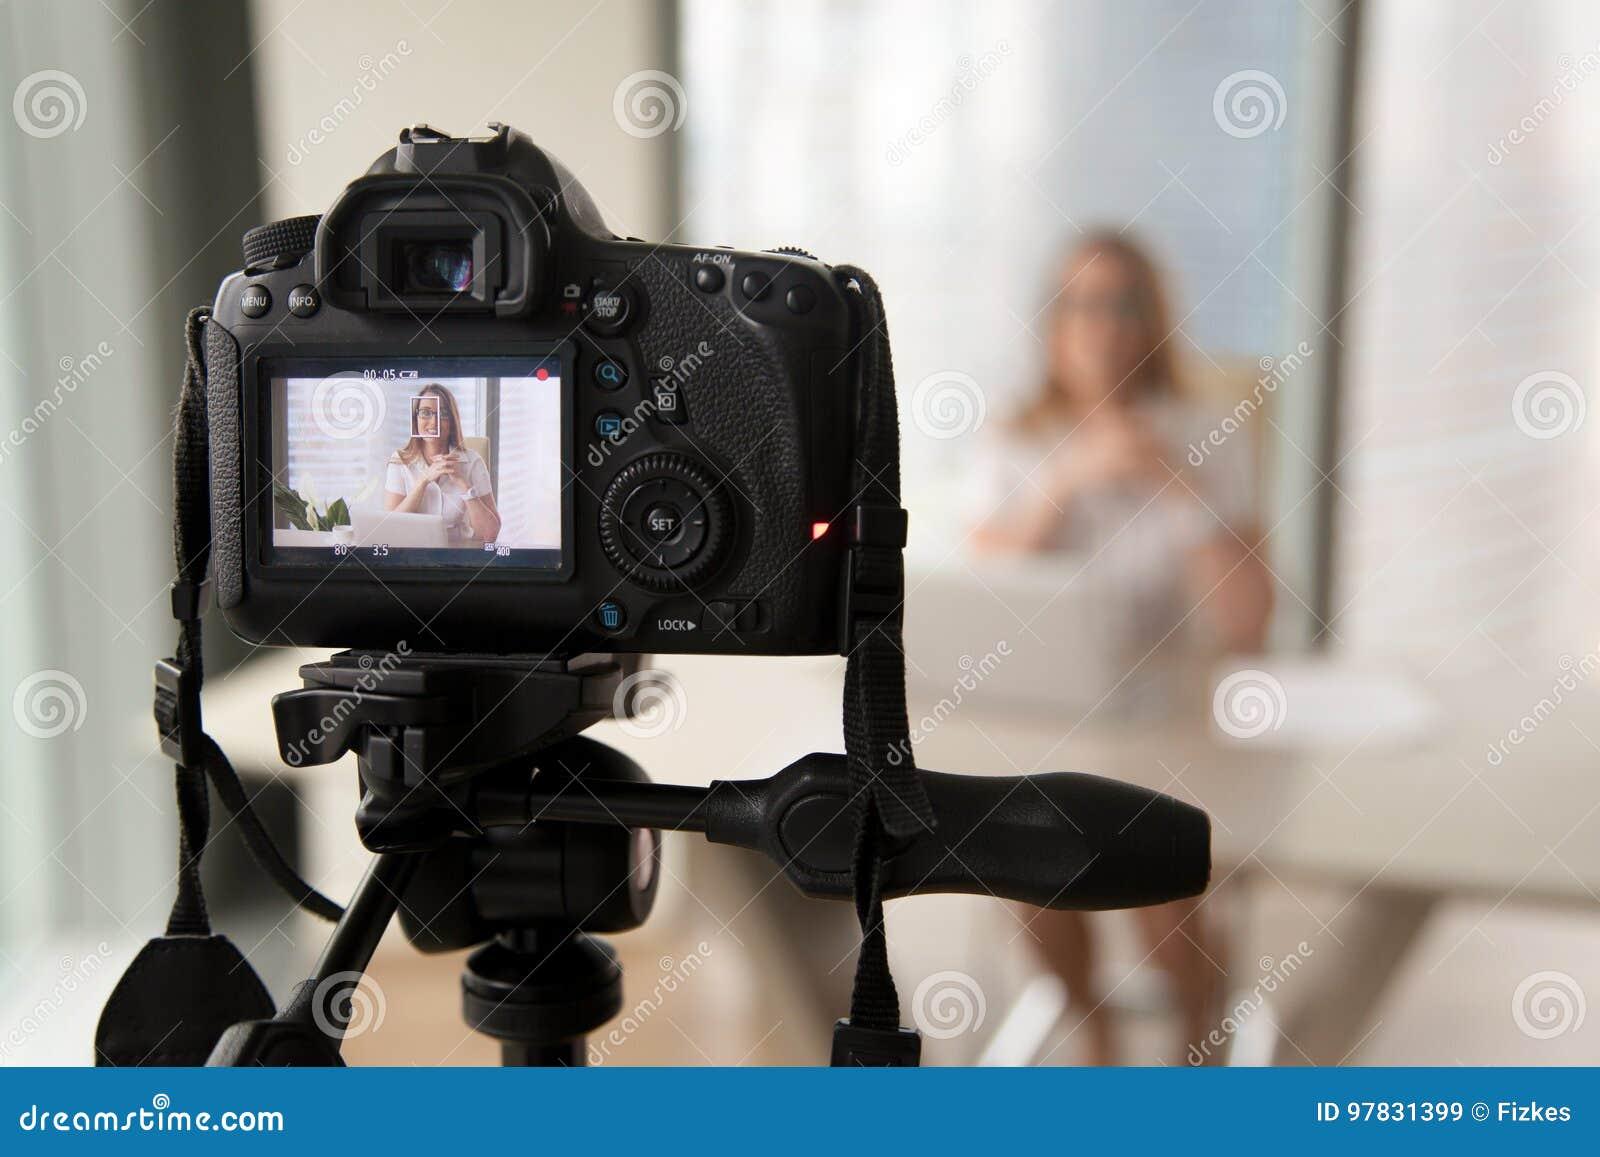 Berufsdigitalkameraaufnahme-Videoblog von businesswoma